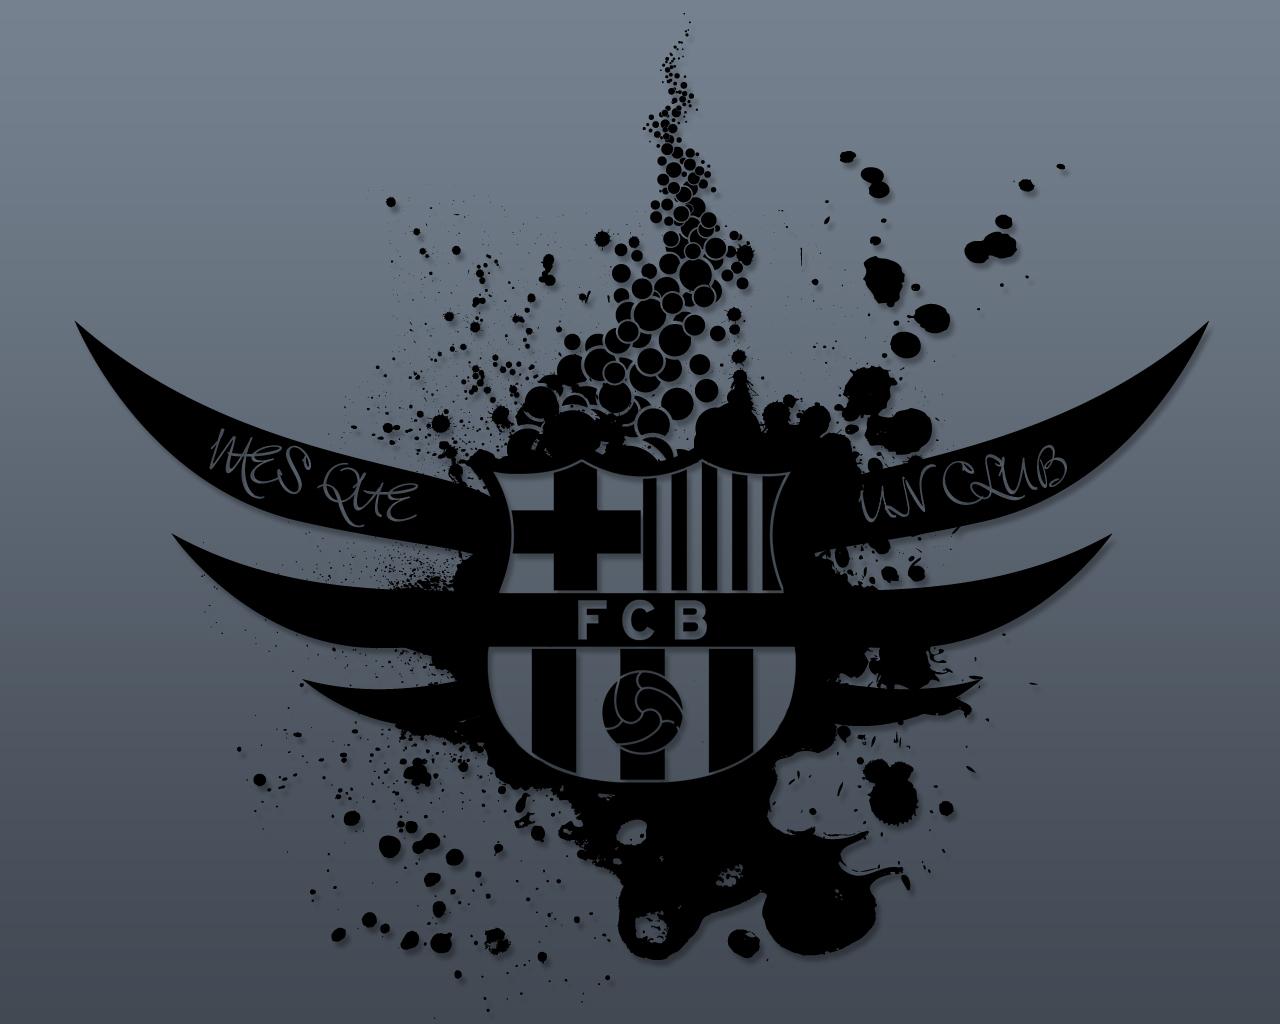 HD Wallpaper I Car - Barca - Football - Real Madrid - Animal: New Wallpapers Barca